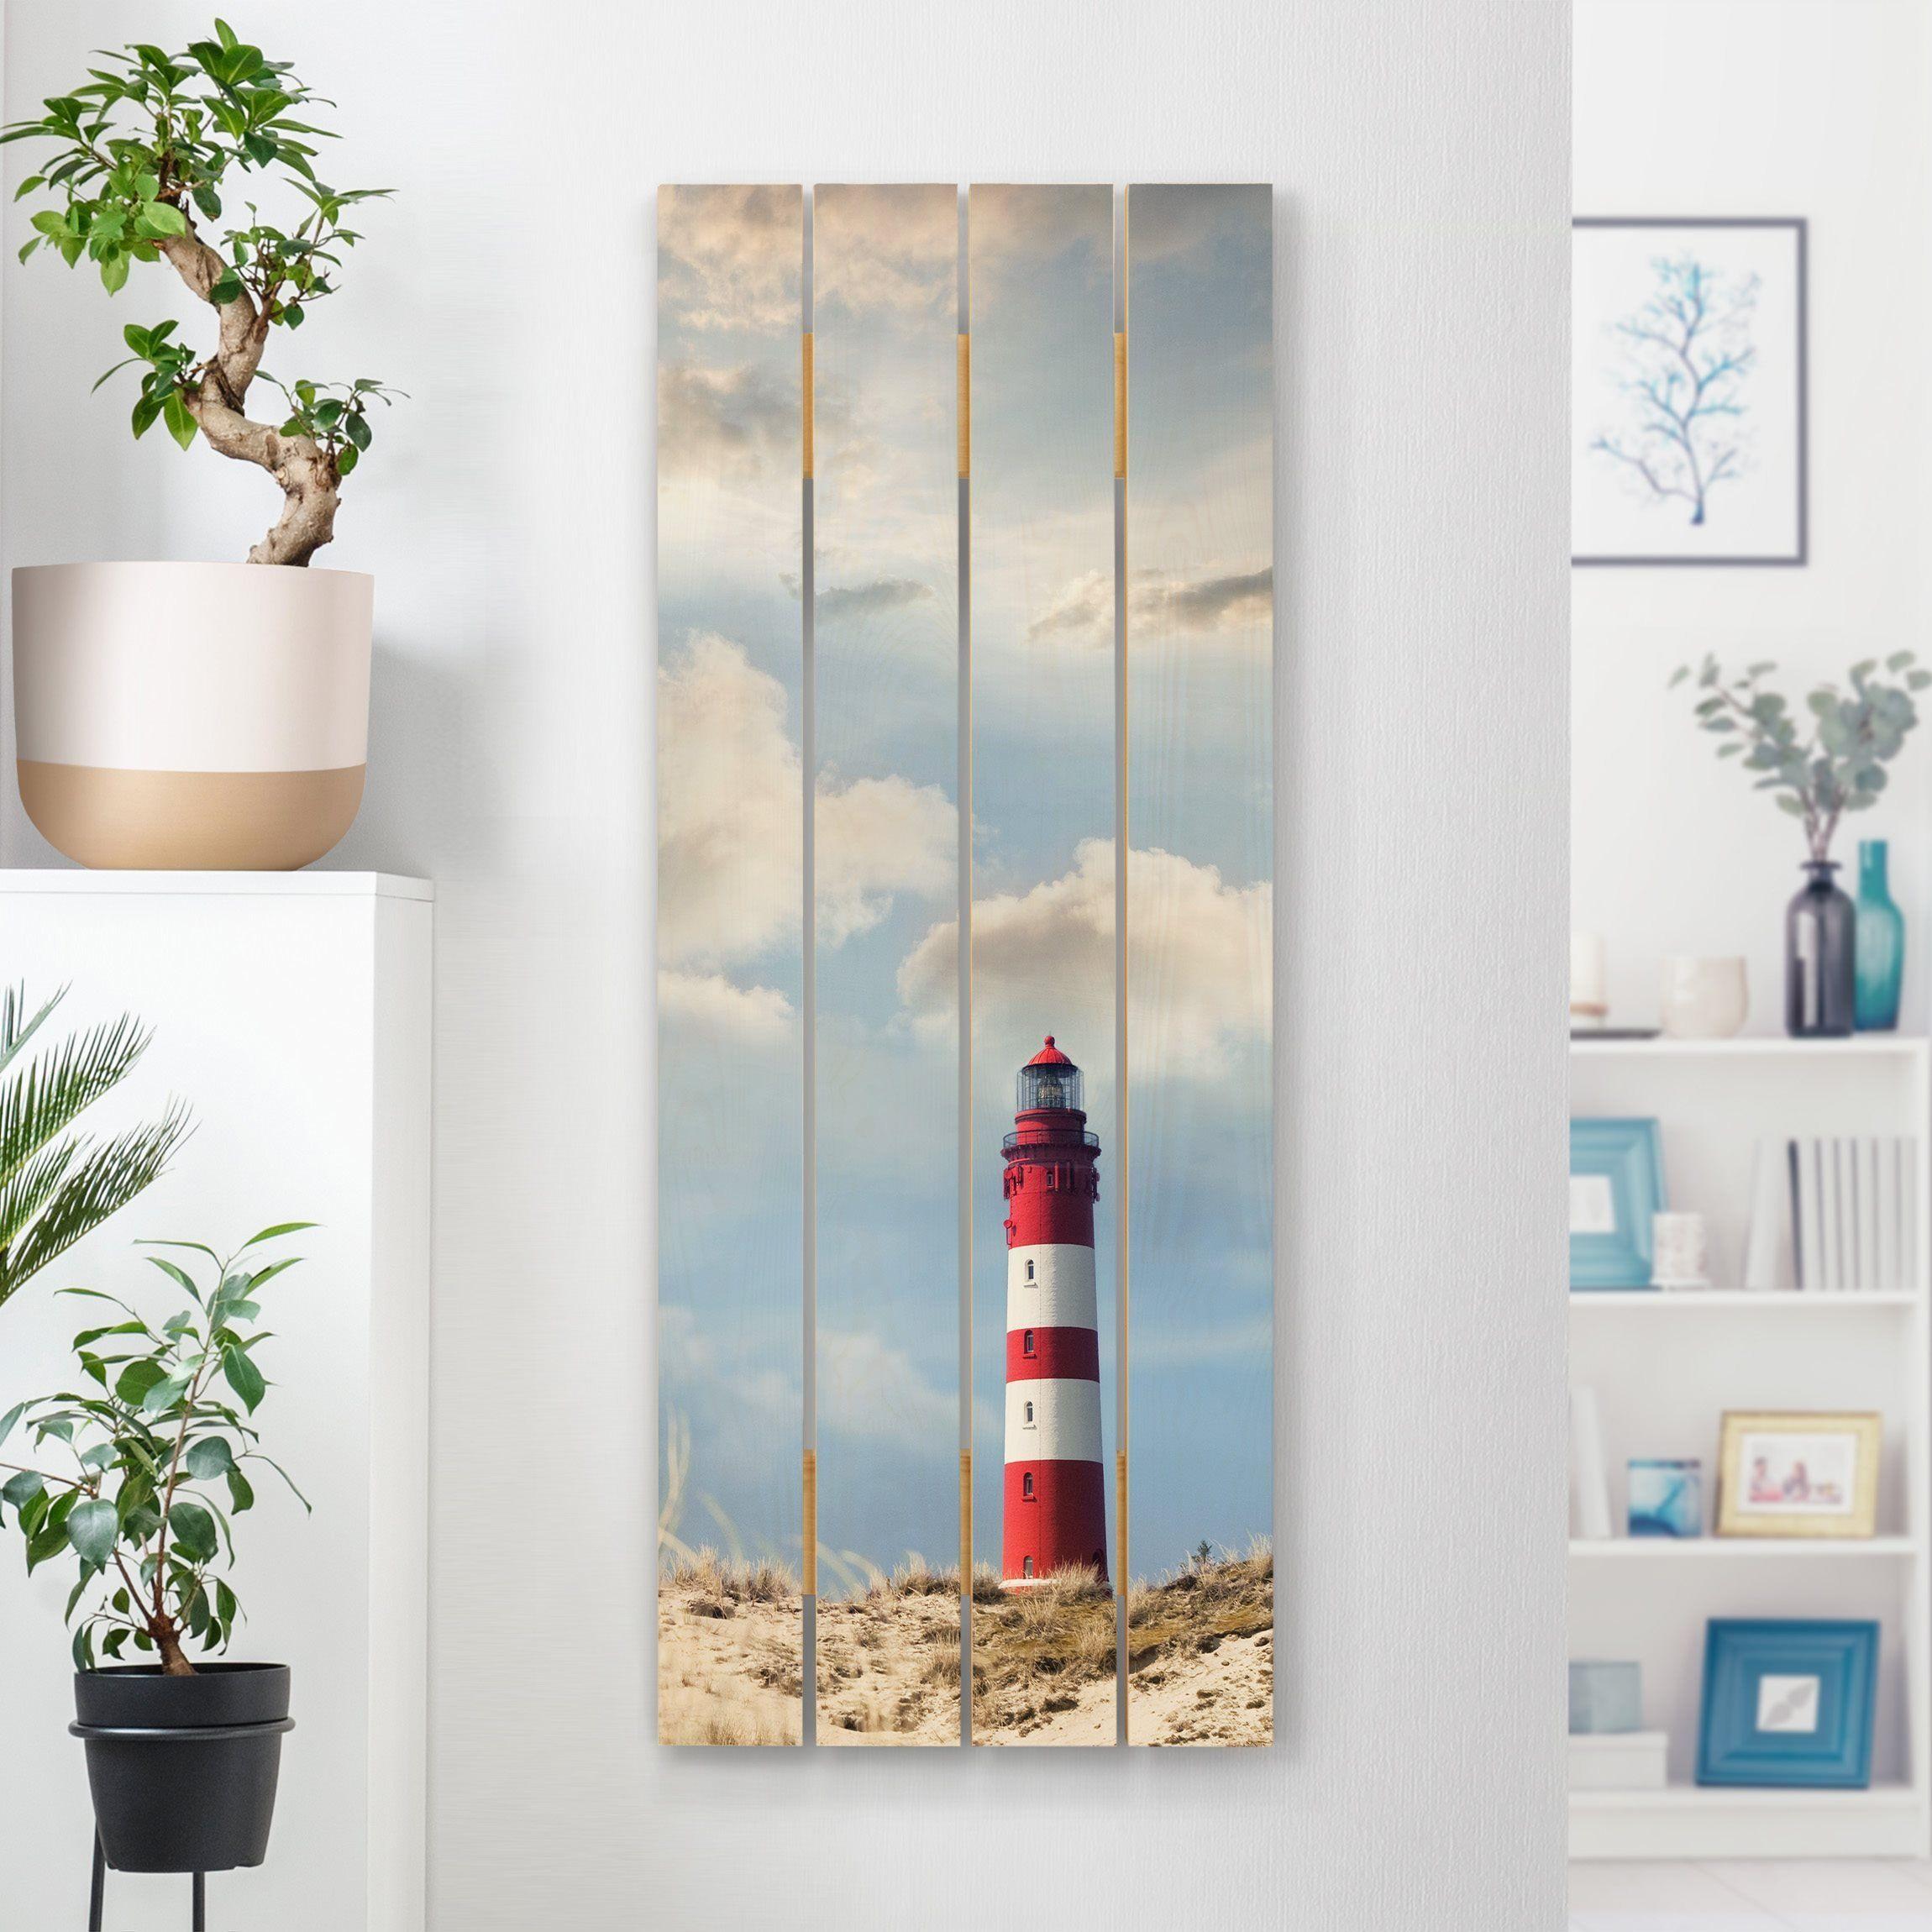 Holzbild Leuchtturm In Den Dunen Hochformat 5 2 In 2020 Holzbilder Wandgestaltung 3d Wandtattoo